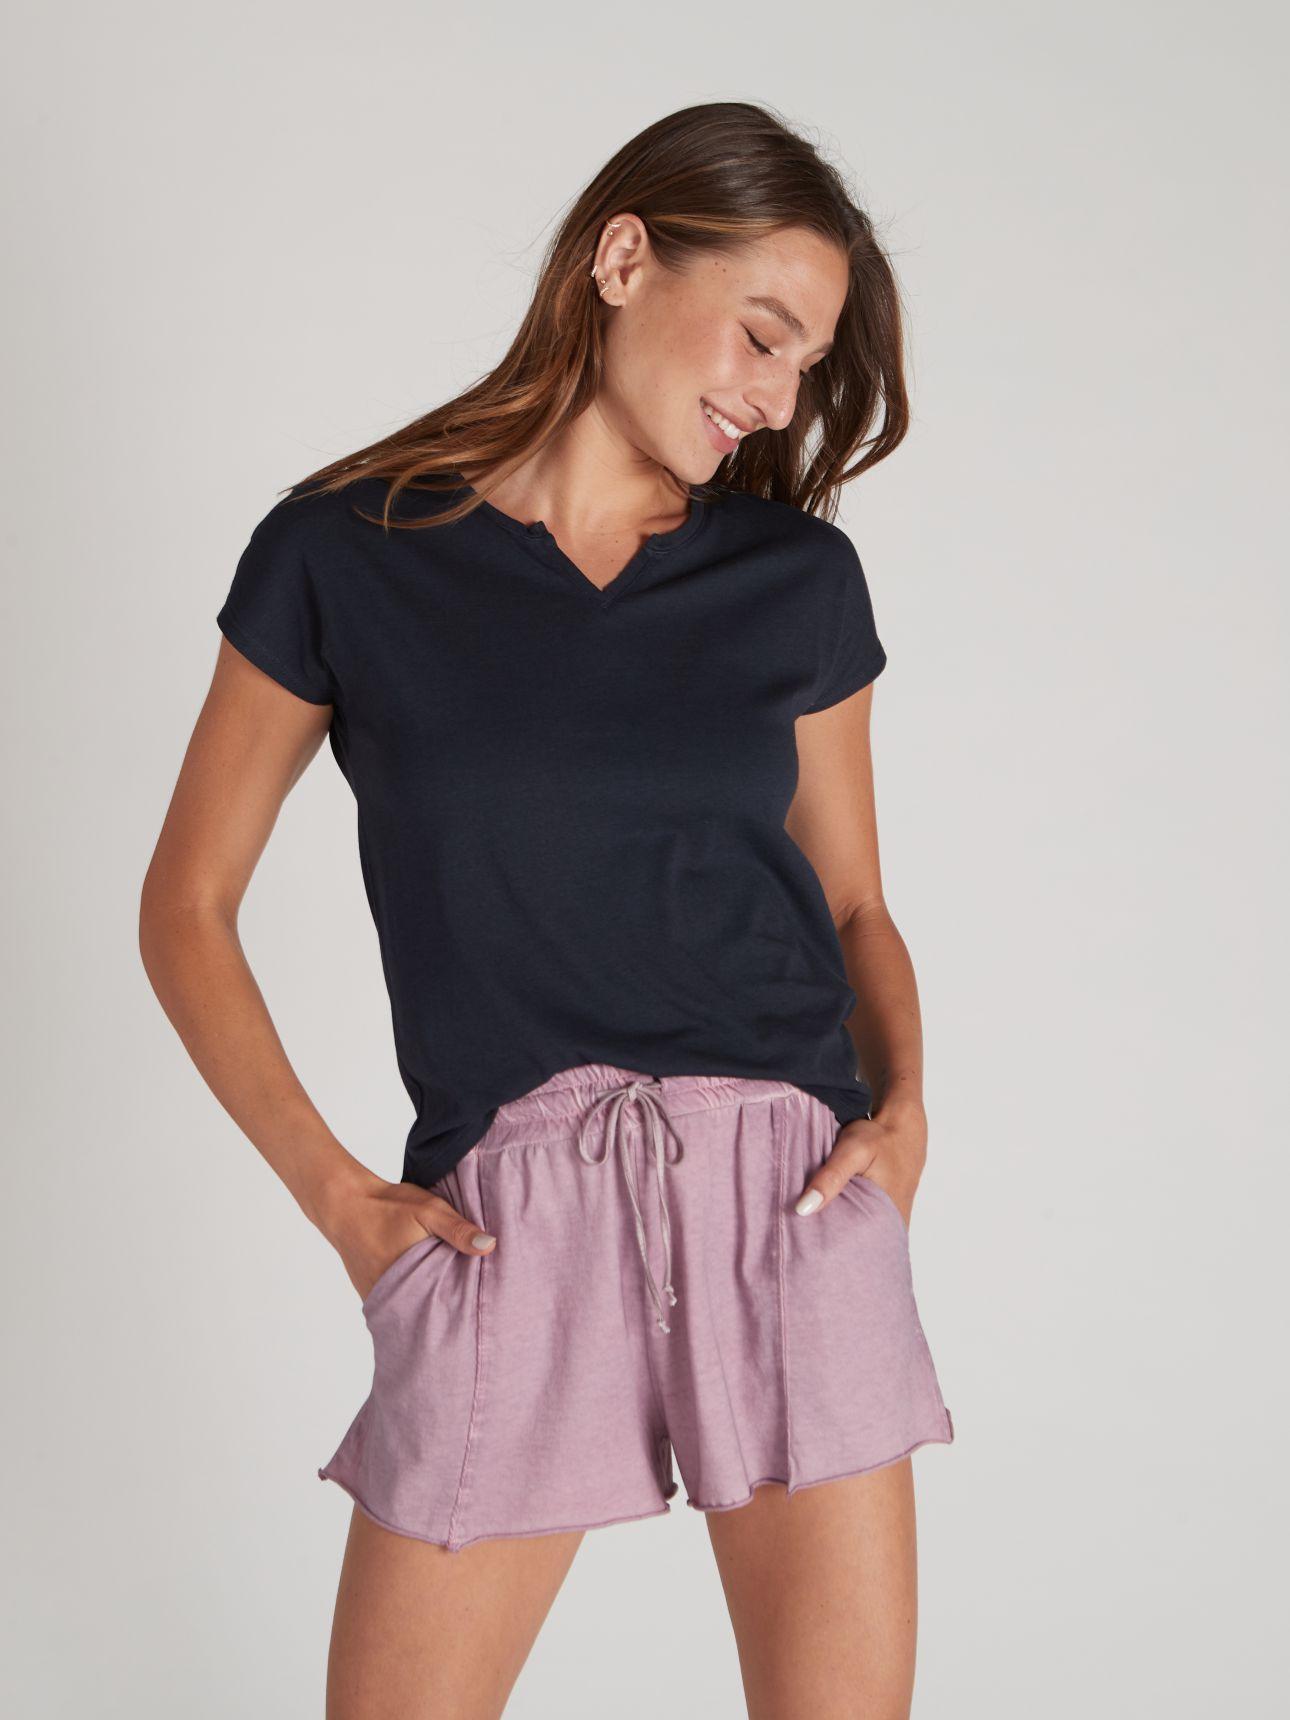 חולצת טי שירט שטופה בצבע נייבי